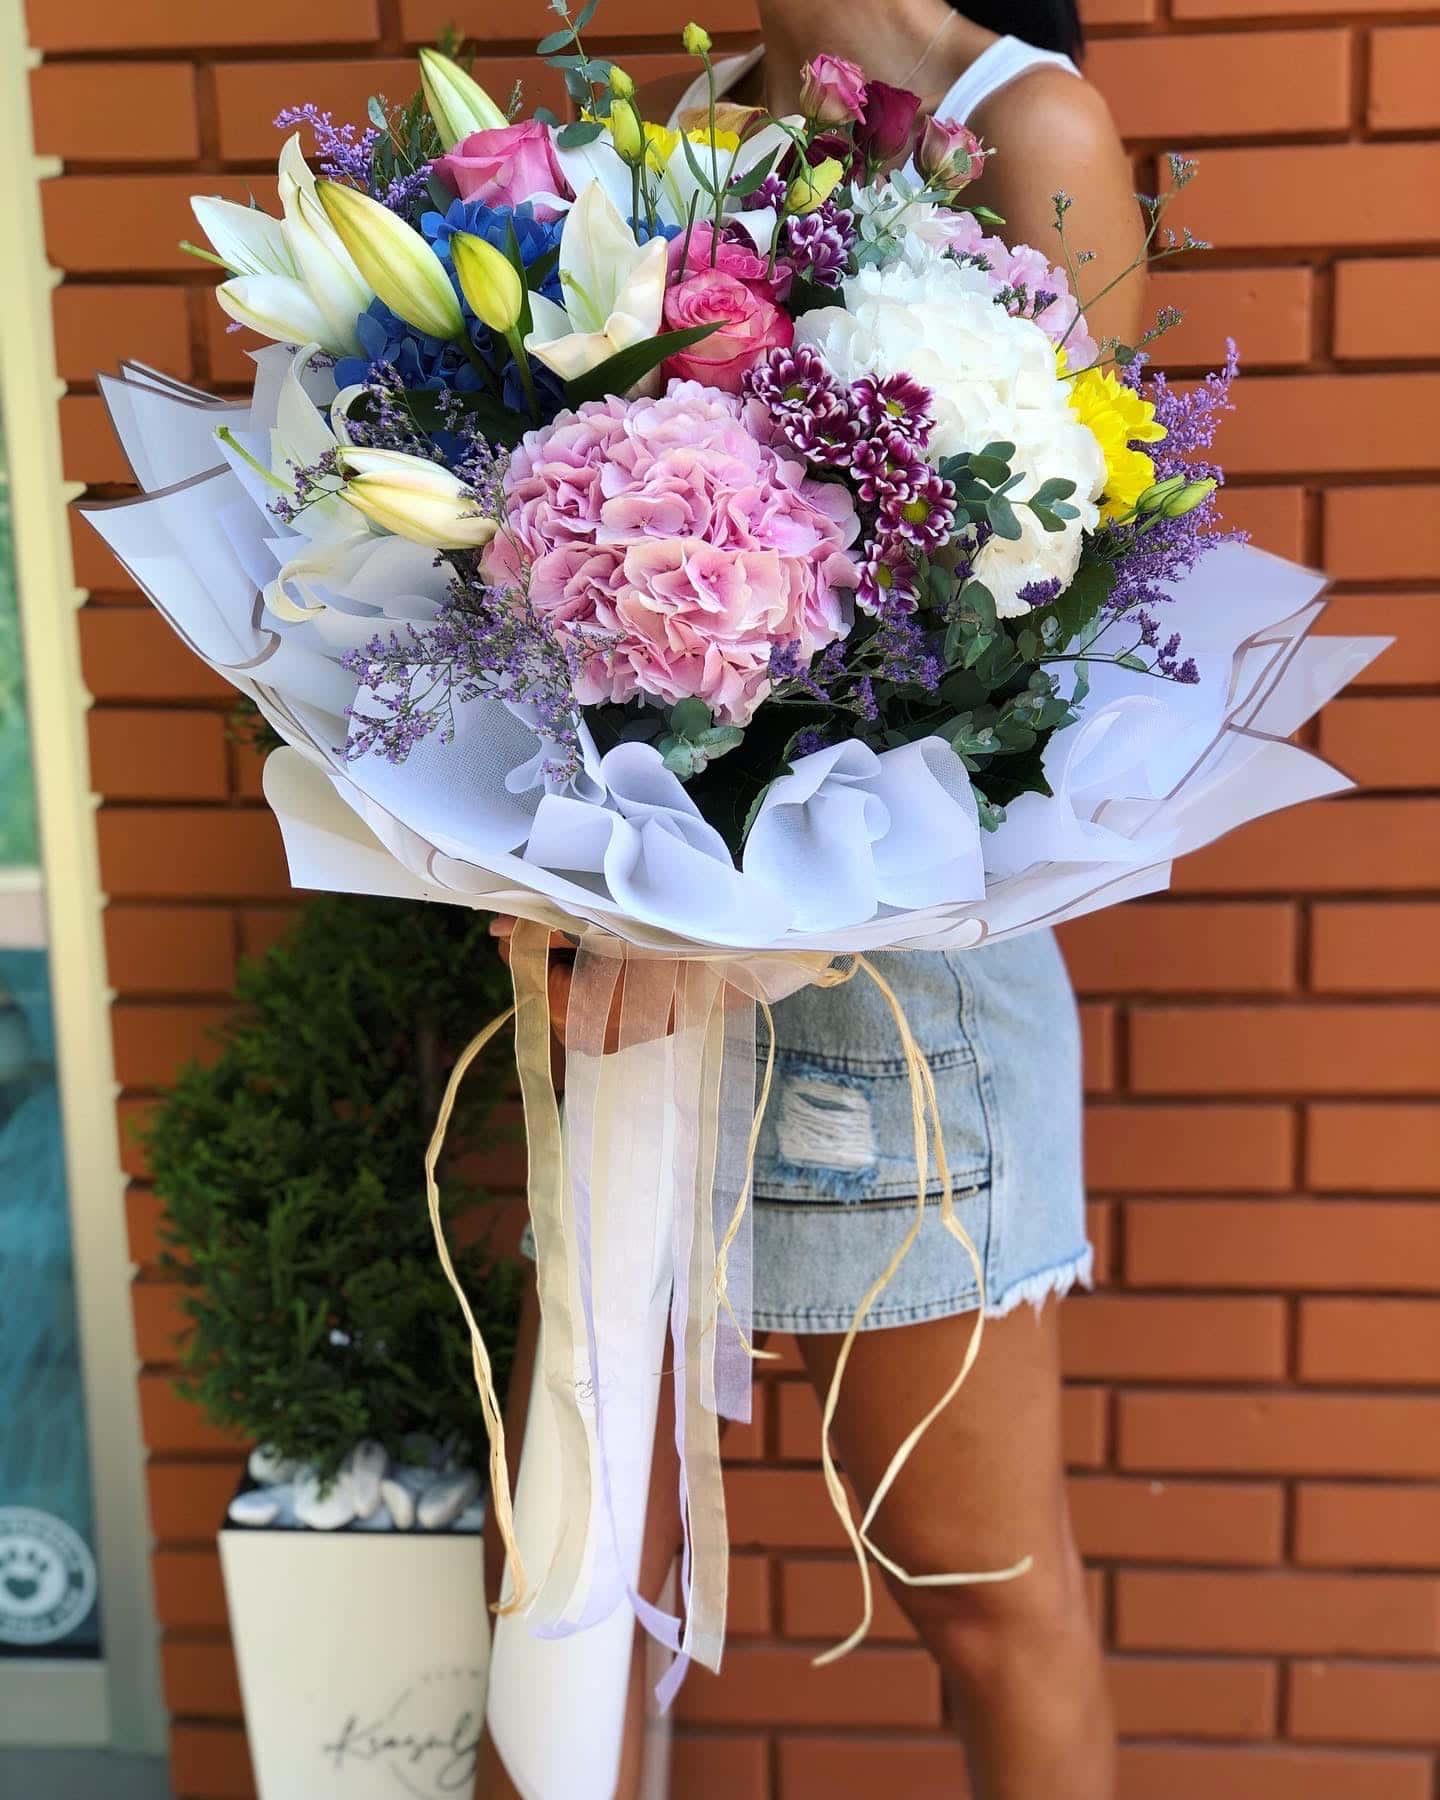 Buket cveća - šareno cveće, ukrasno zelenilo. Nežno plavi ukrasni papir